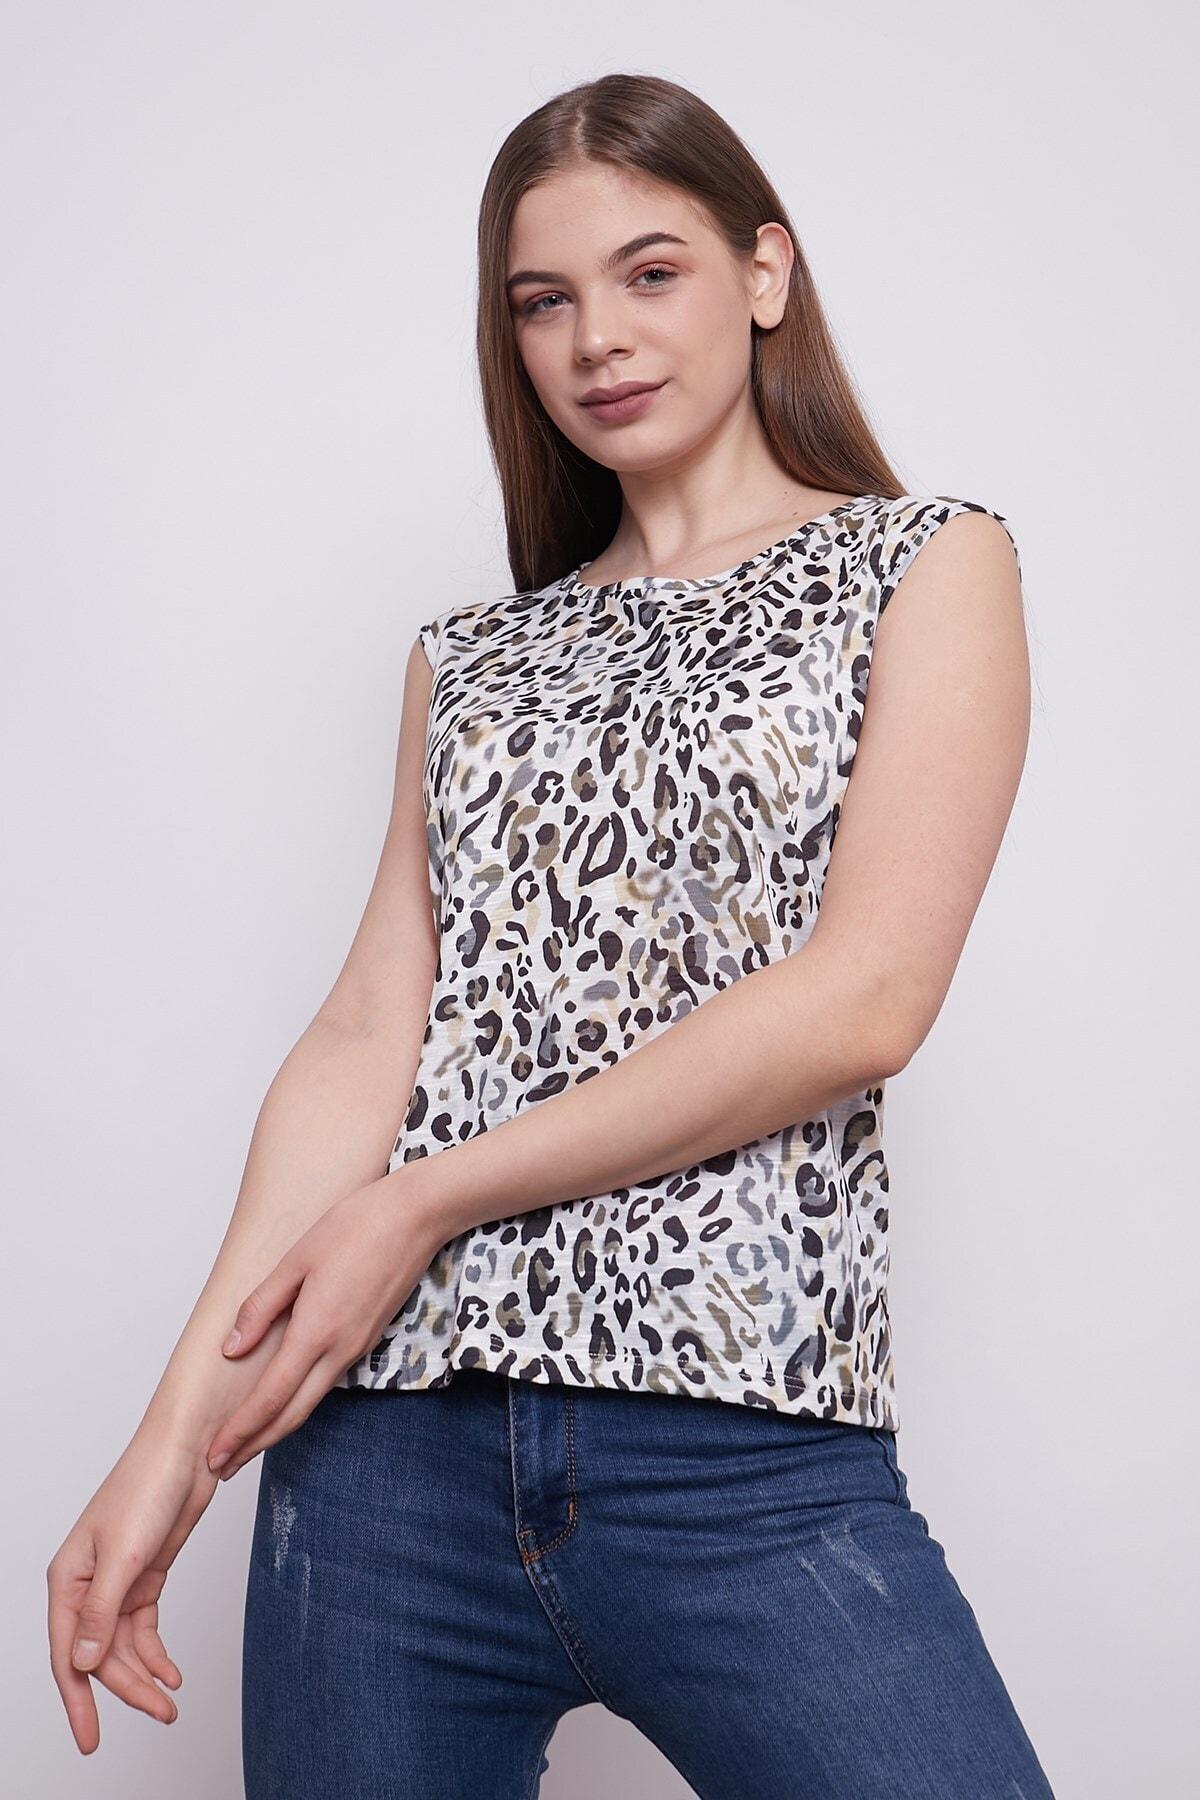 Jument Kadın Desenli Geniş Sıfır Yaka Düşük Omuzlu Tshirt-leopar Desen 1